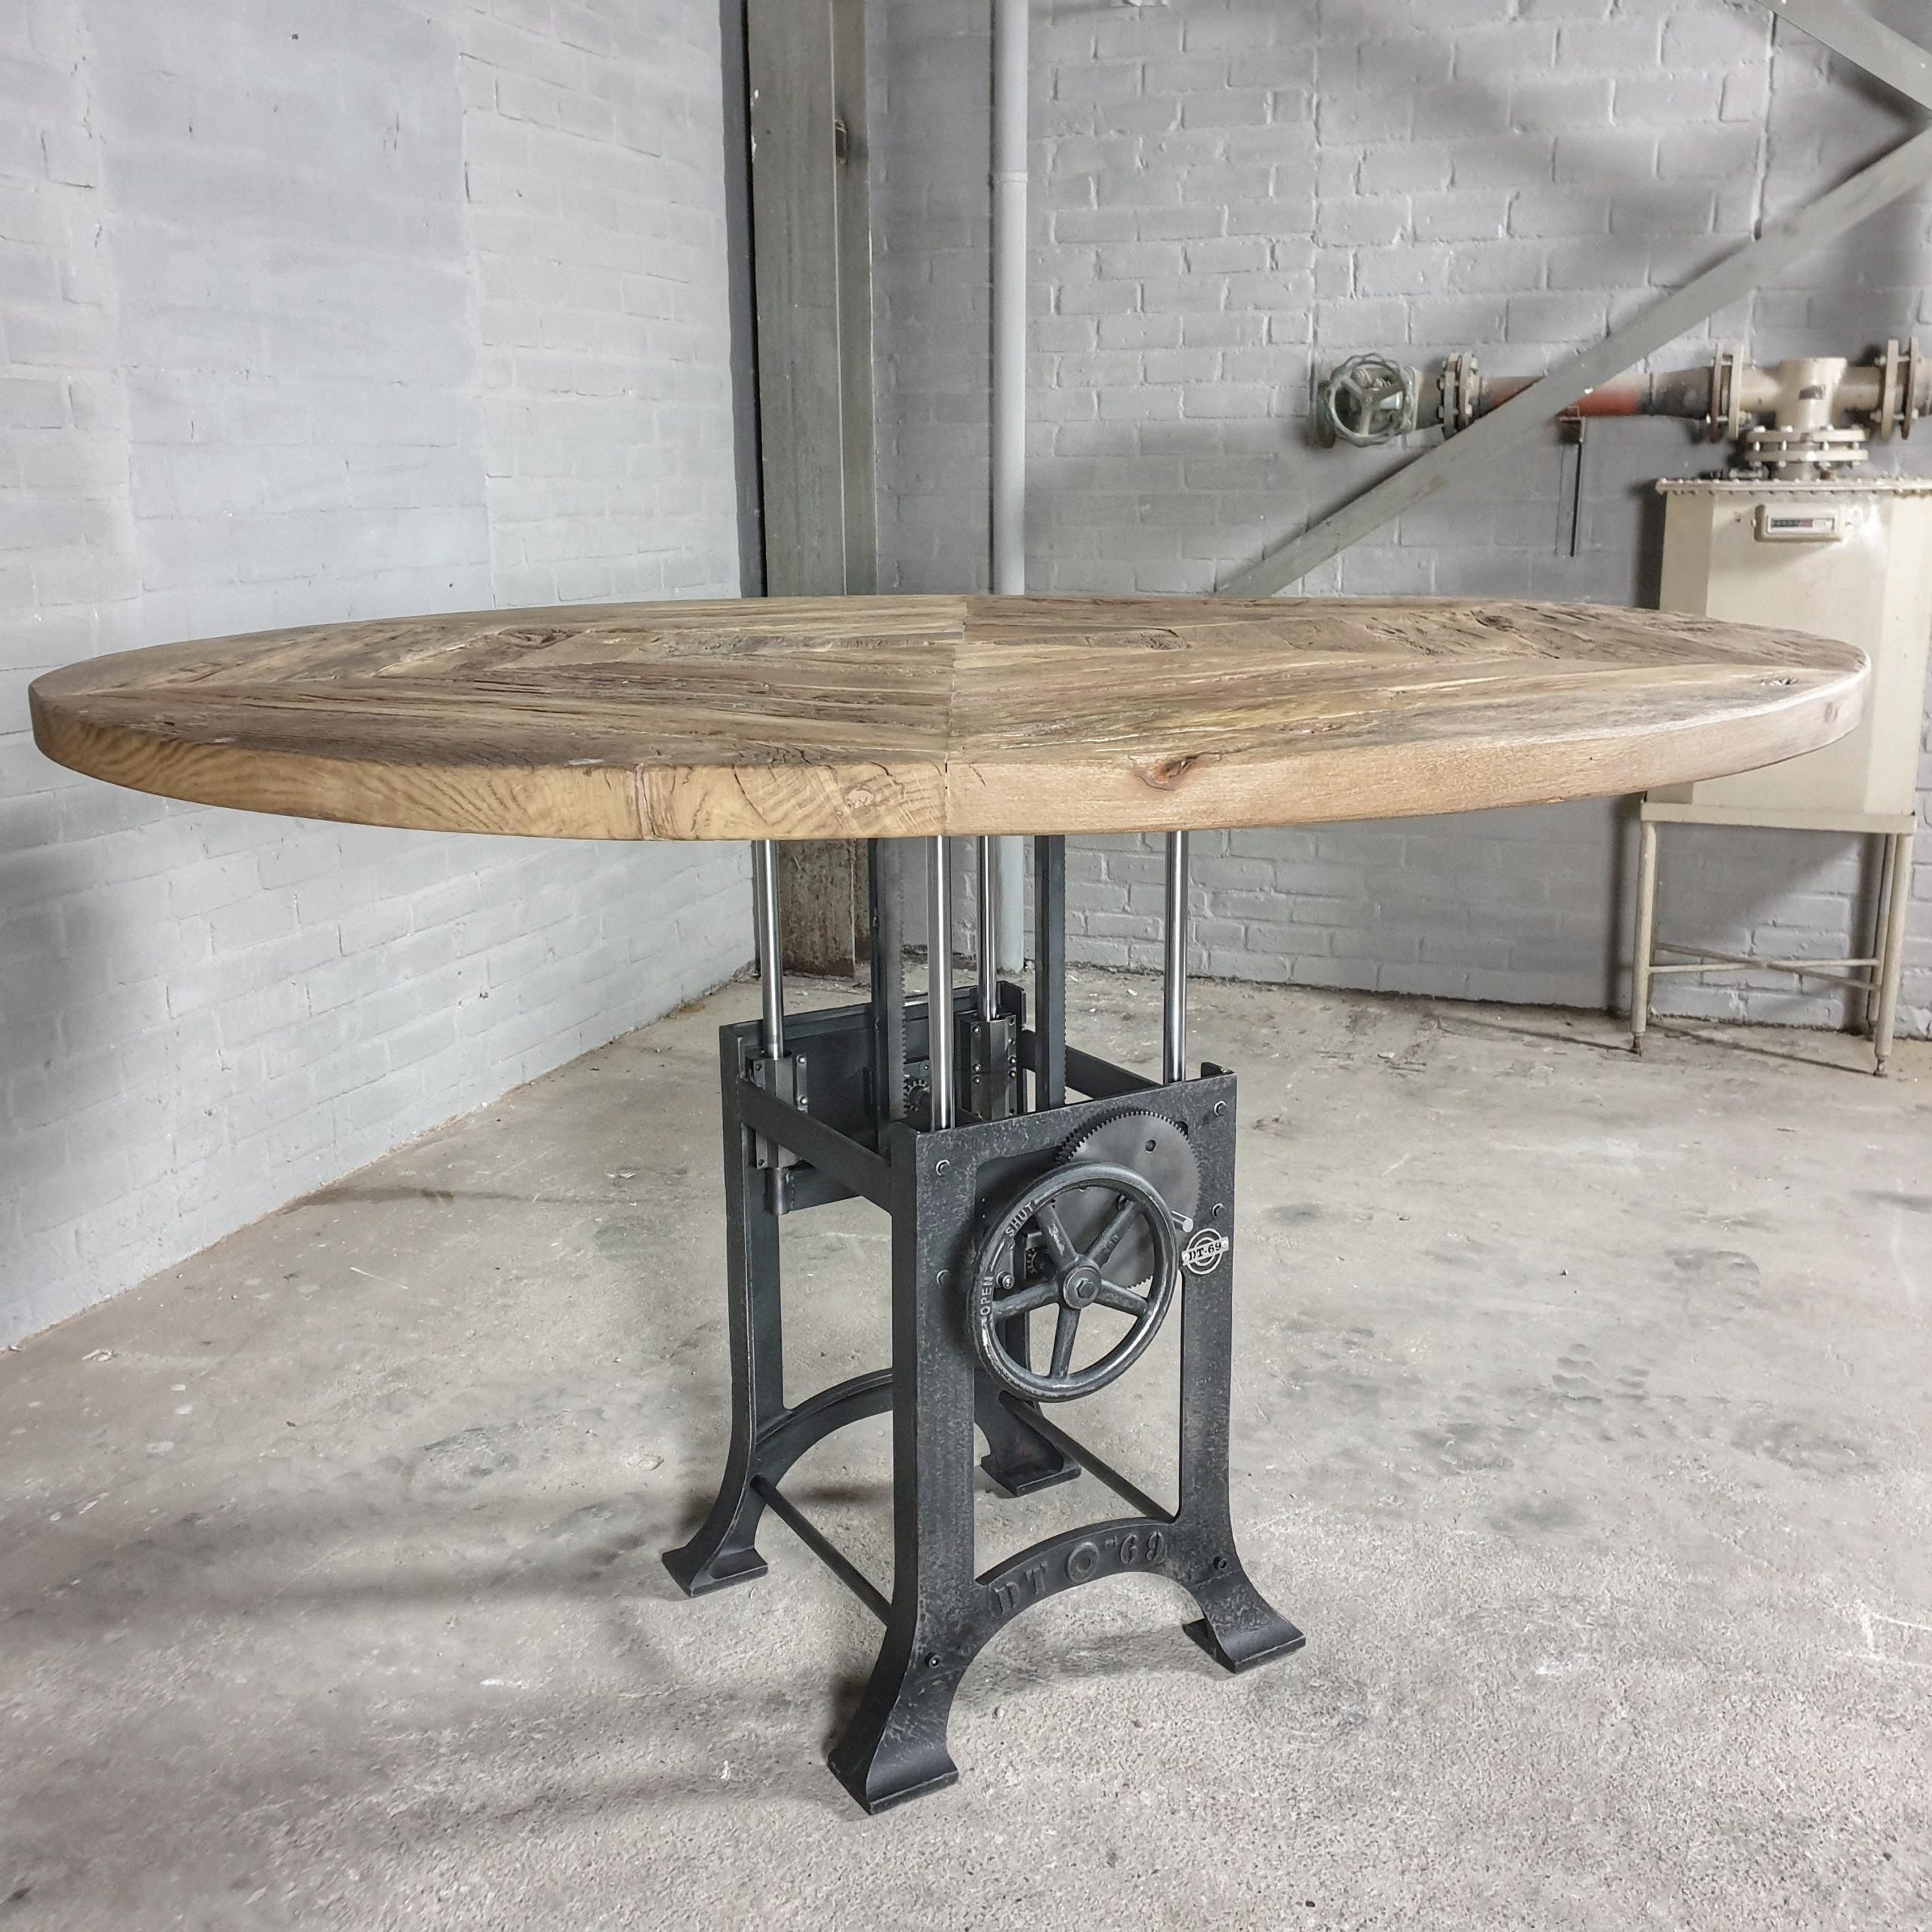 Wonderbaar Ronde in hoogte verstelbare tafel industrieel, zonverbrand oud FI-91